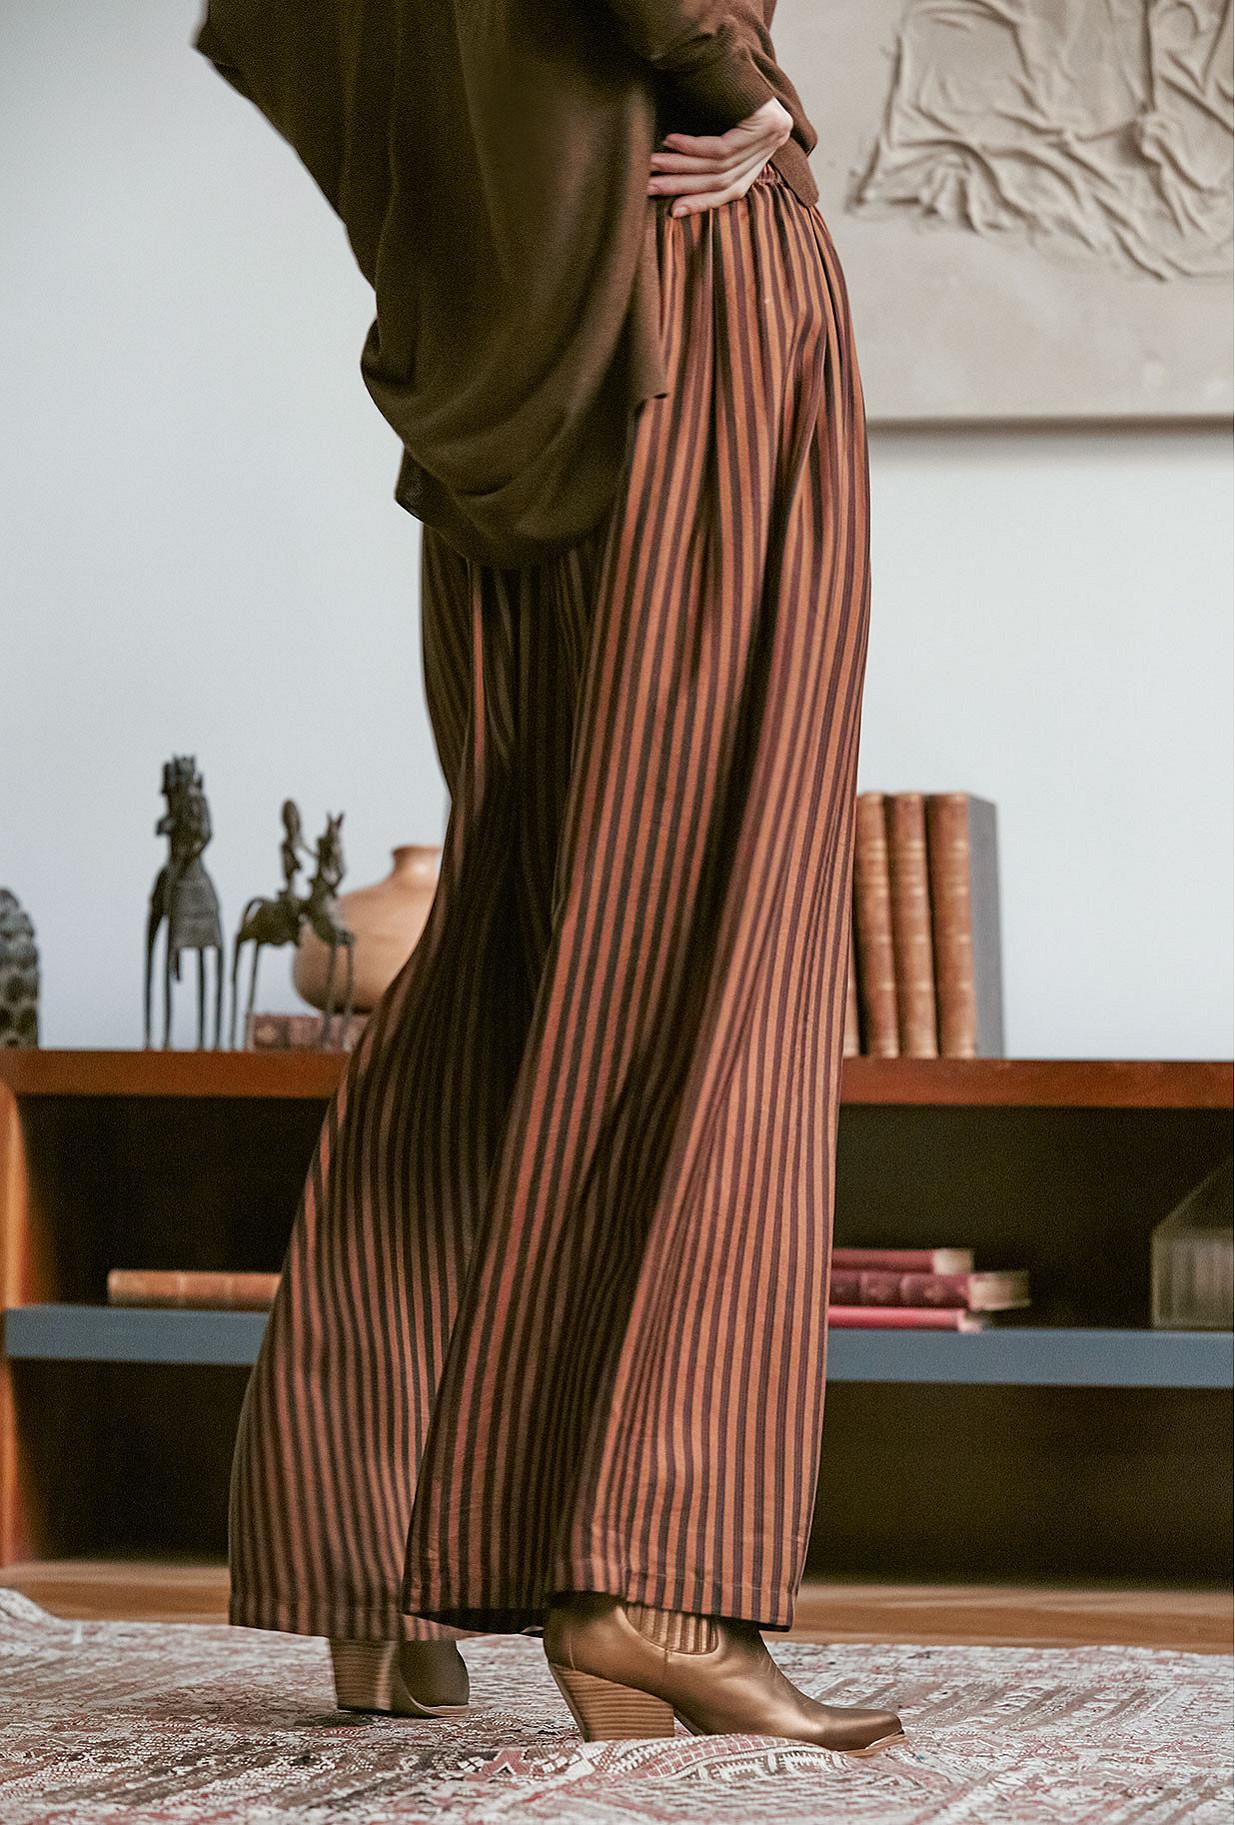 Pantalon Terracotta  Sabra mes demoiselles paris vêtement femme paris